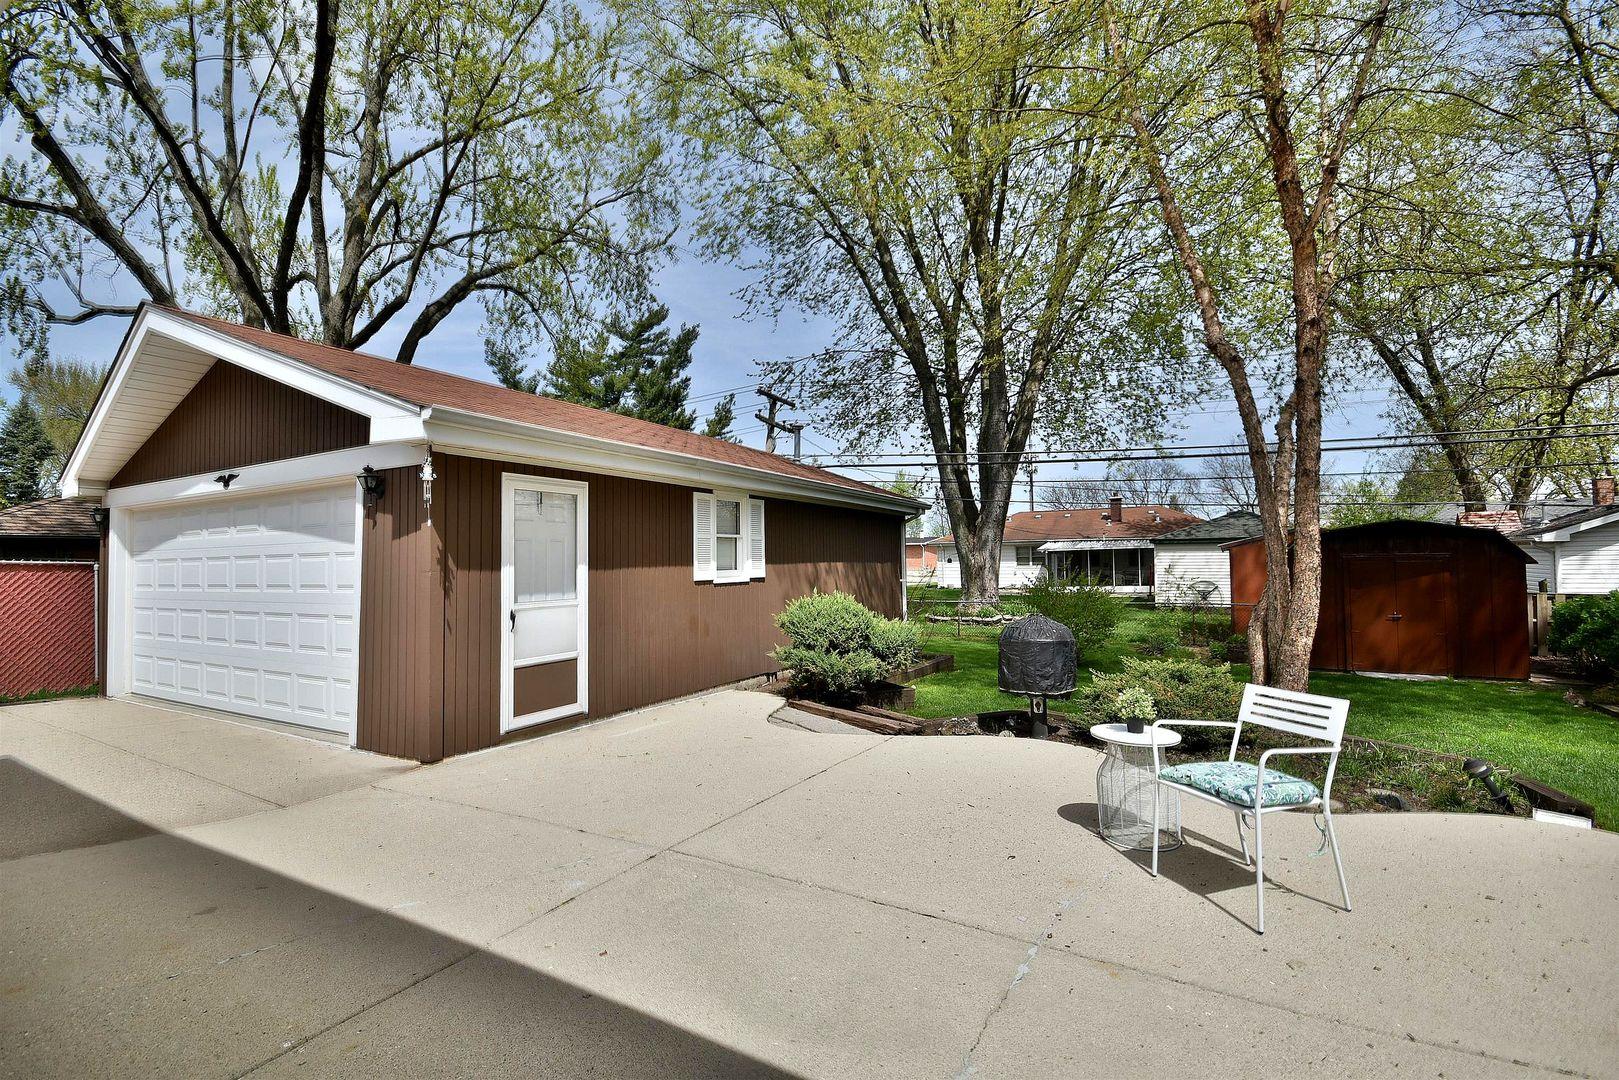 701 North Wille, Mount Prospect, Illinois, 60056